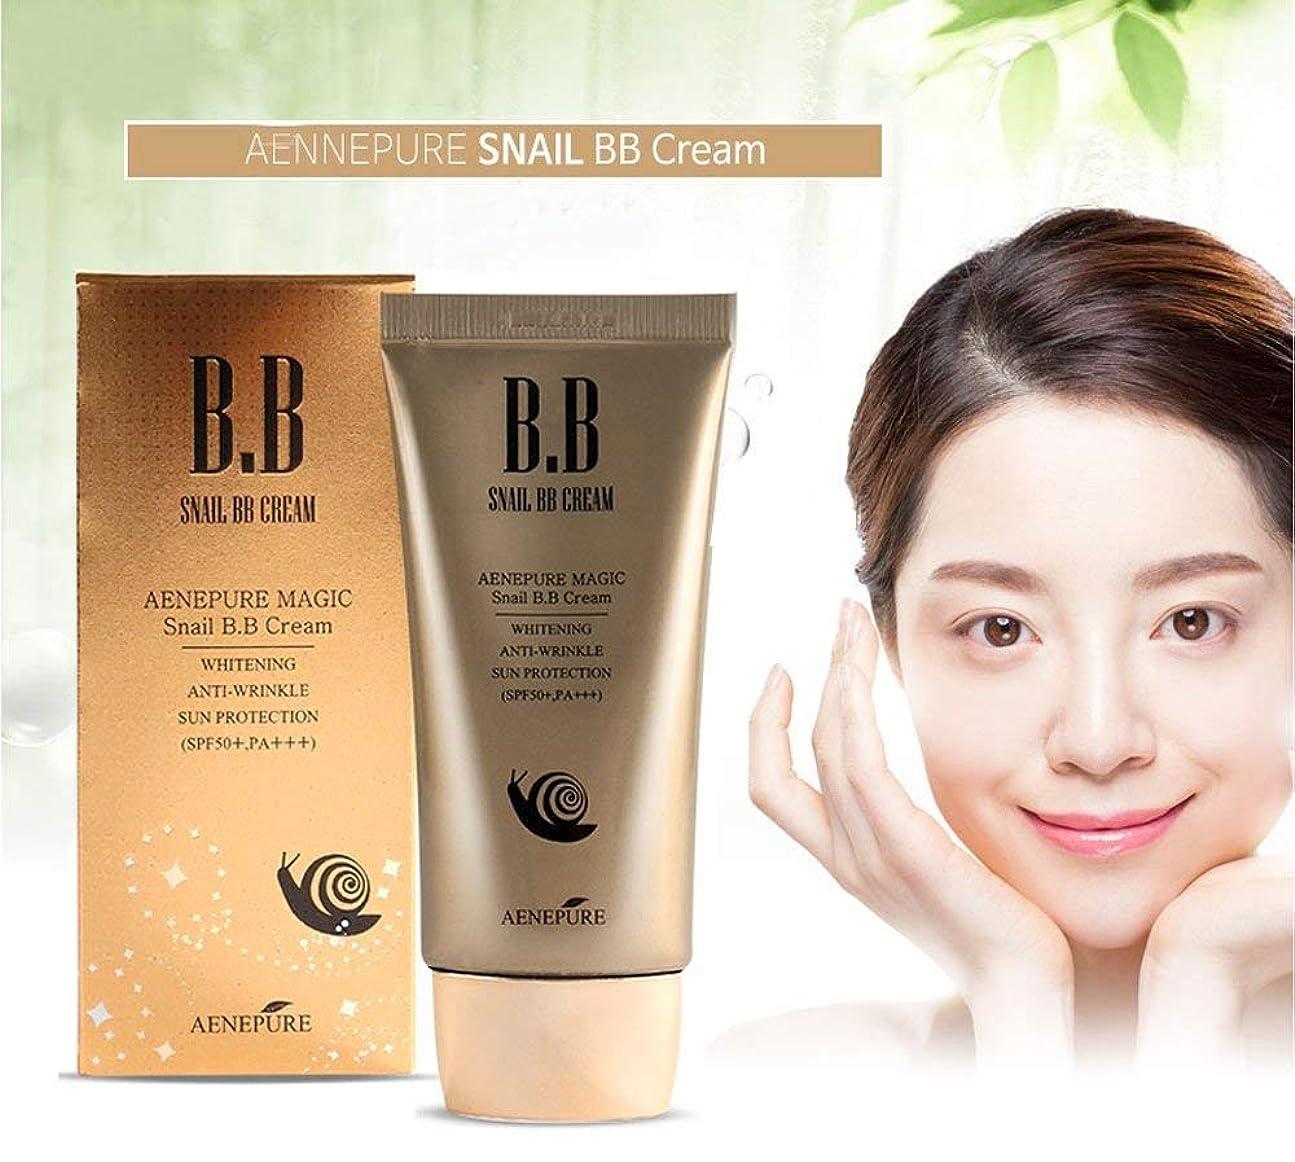 腐敗成熟した十年[Aenepure] カタツムリBBクリームSPF50の+、PA +++ / Snail BB cream SPF50+, PA +++ / ホワイトニング、アンチリンクル、日焼け防止 / Whitening, Anti-Wrinkle,Sun protection / 韓国化粧品 / Korean Cosmetics [並行輸入品]